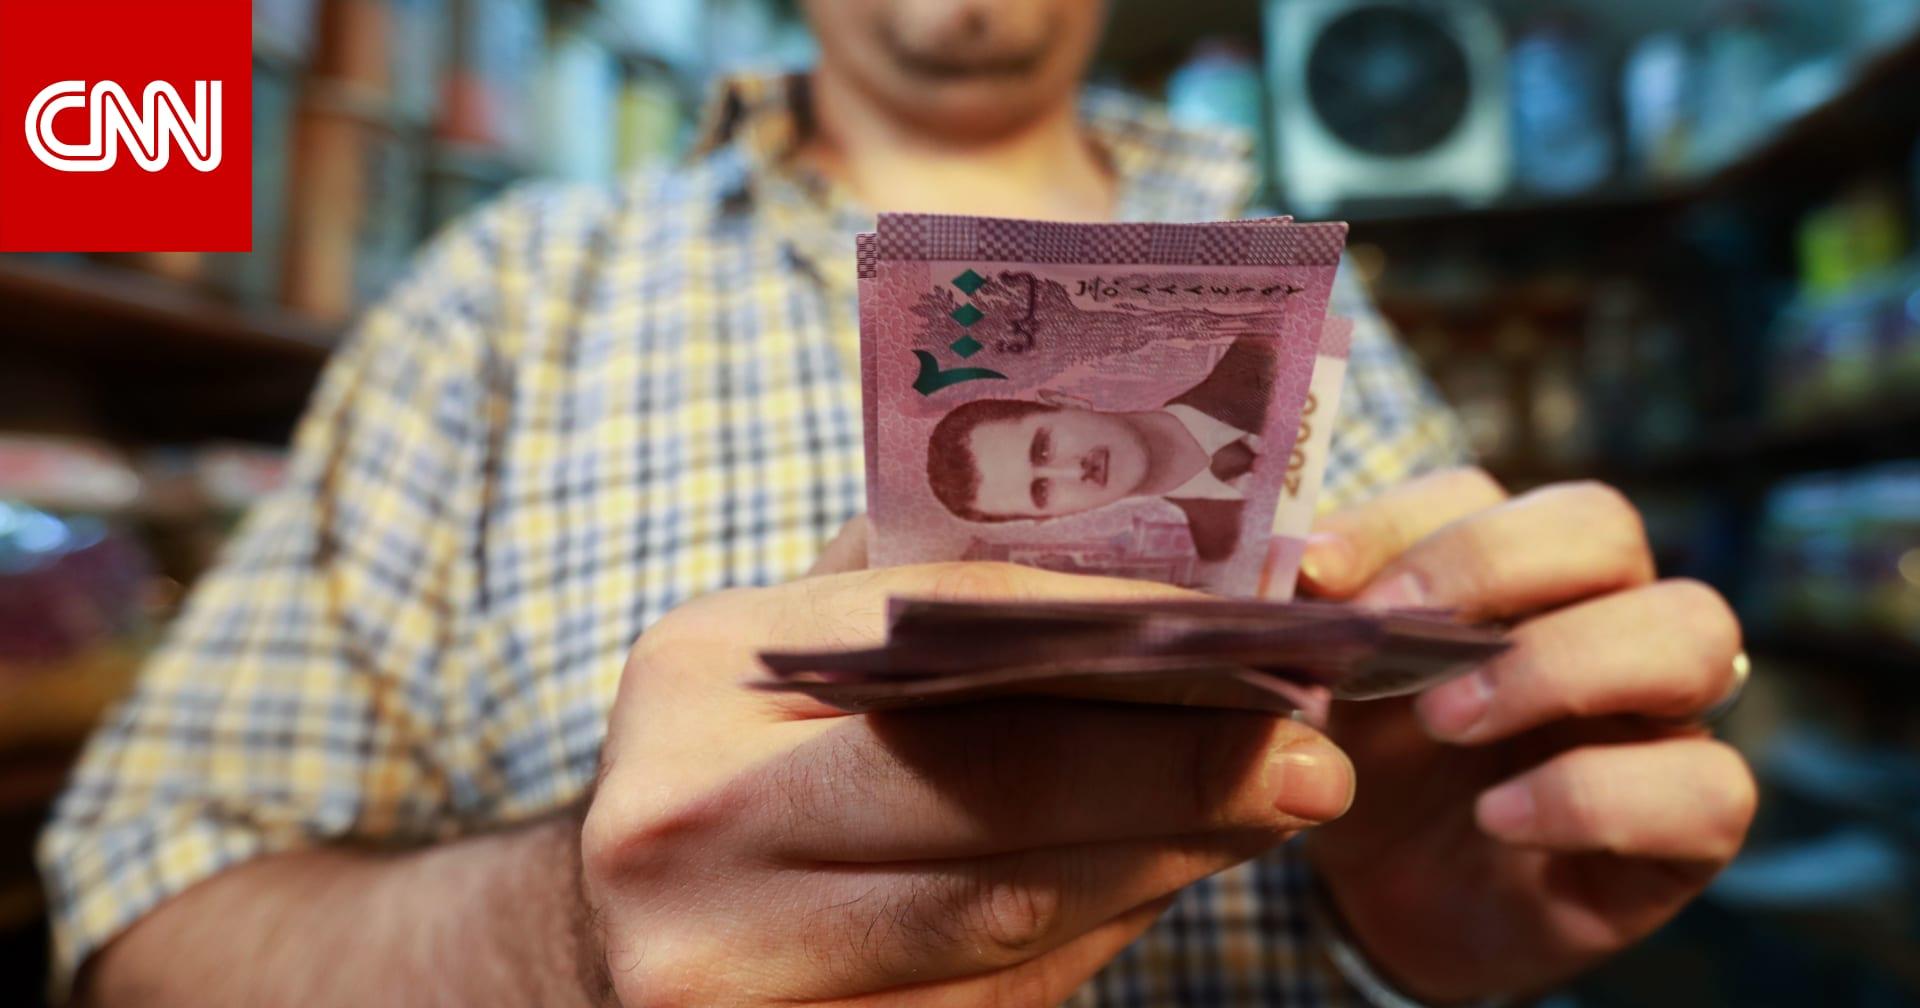 سوريا ترد على ما يثار حول إصدار ورقة نقدية بفئة 10 آلاف ليرة